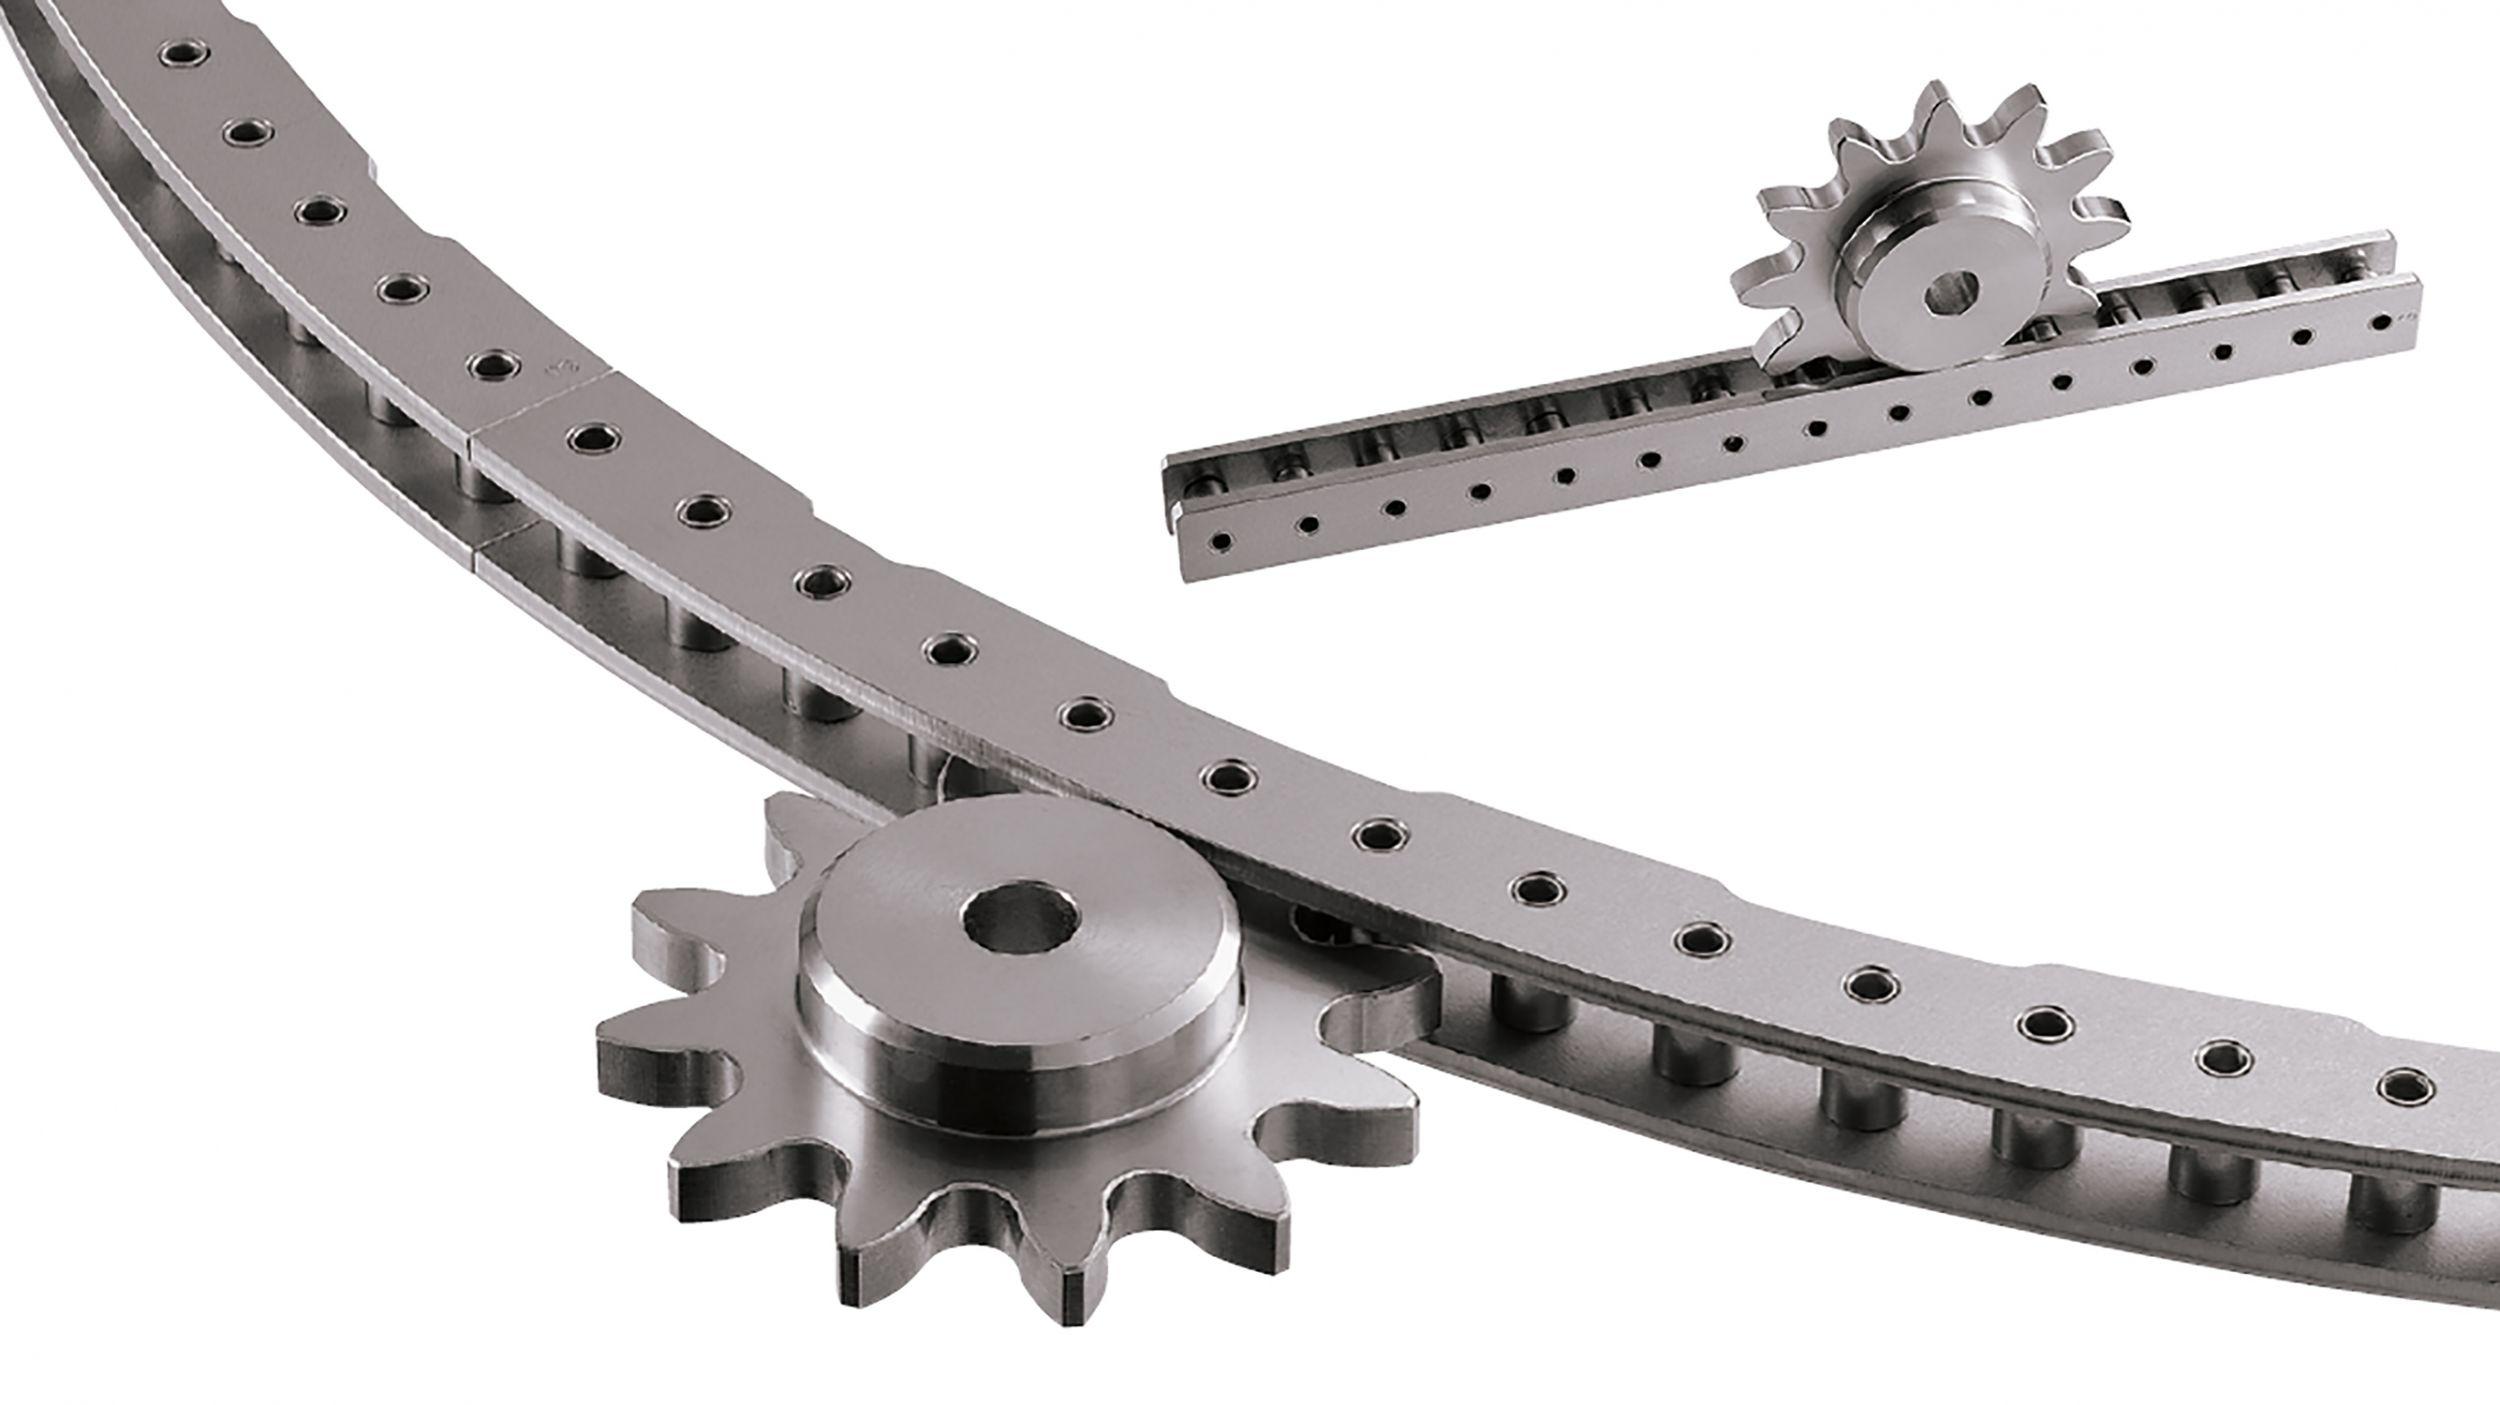 Triebstocksystem für freies Maschinendesign